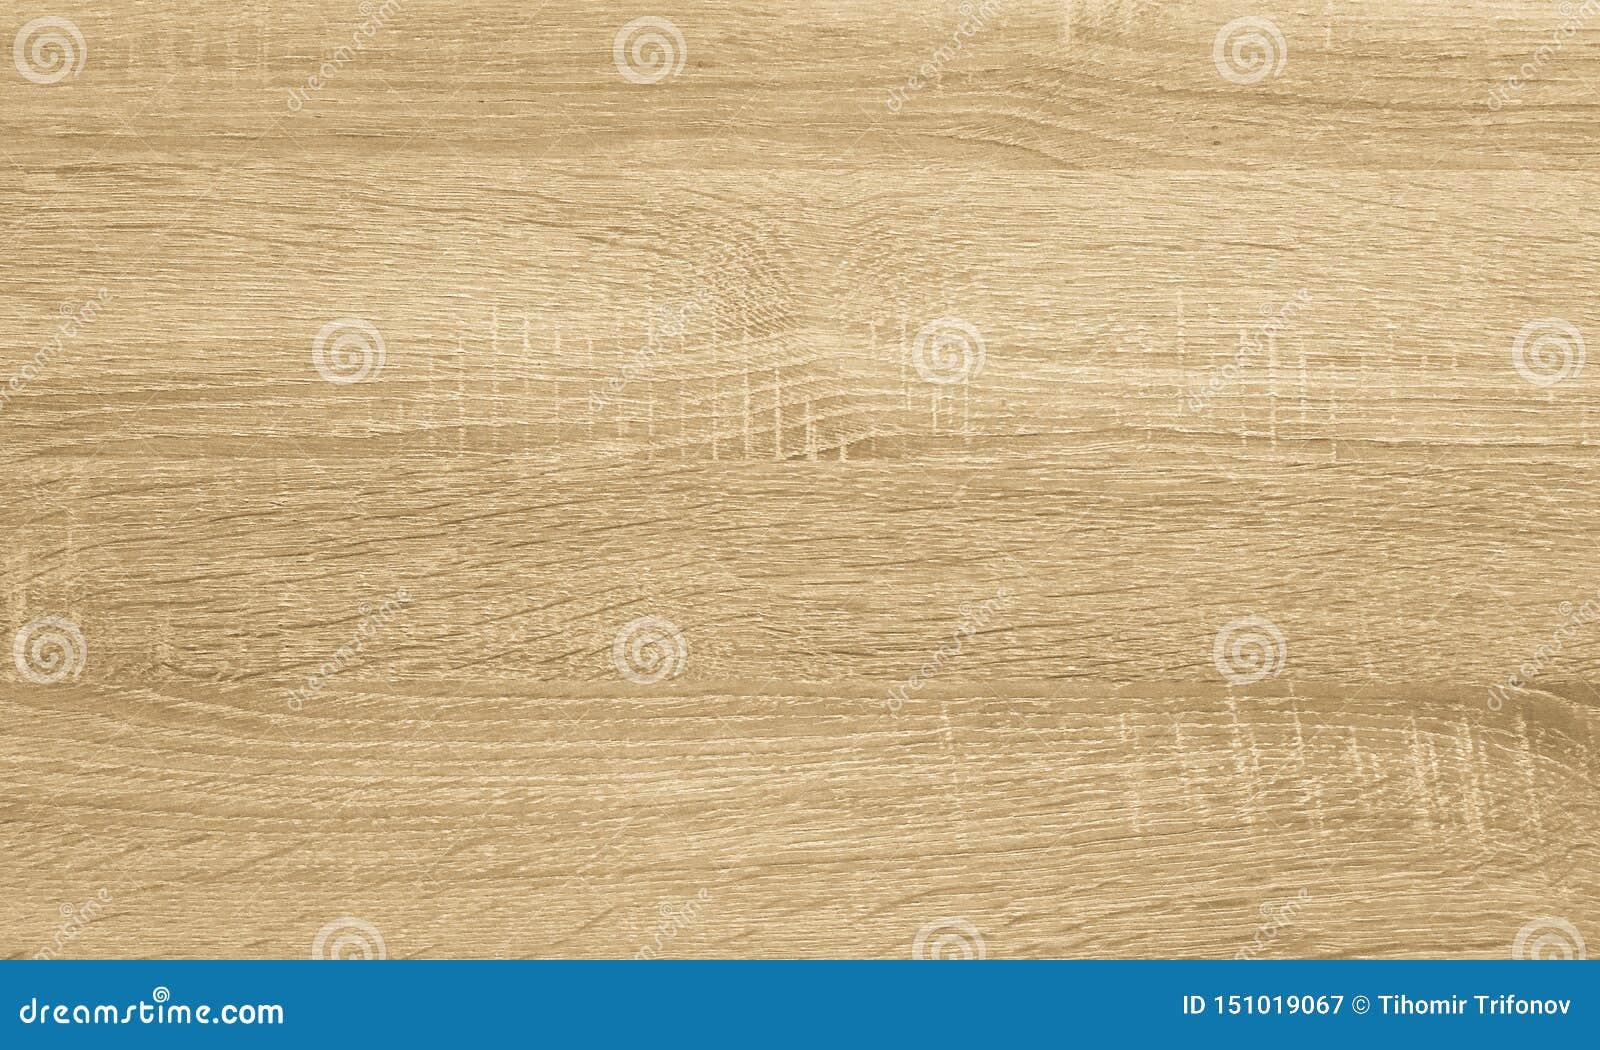 Ξύλινο καφετί υπόβαθρο, σκοτεινή ξύλινη αφηρημένη σύσταση